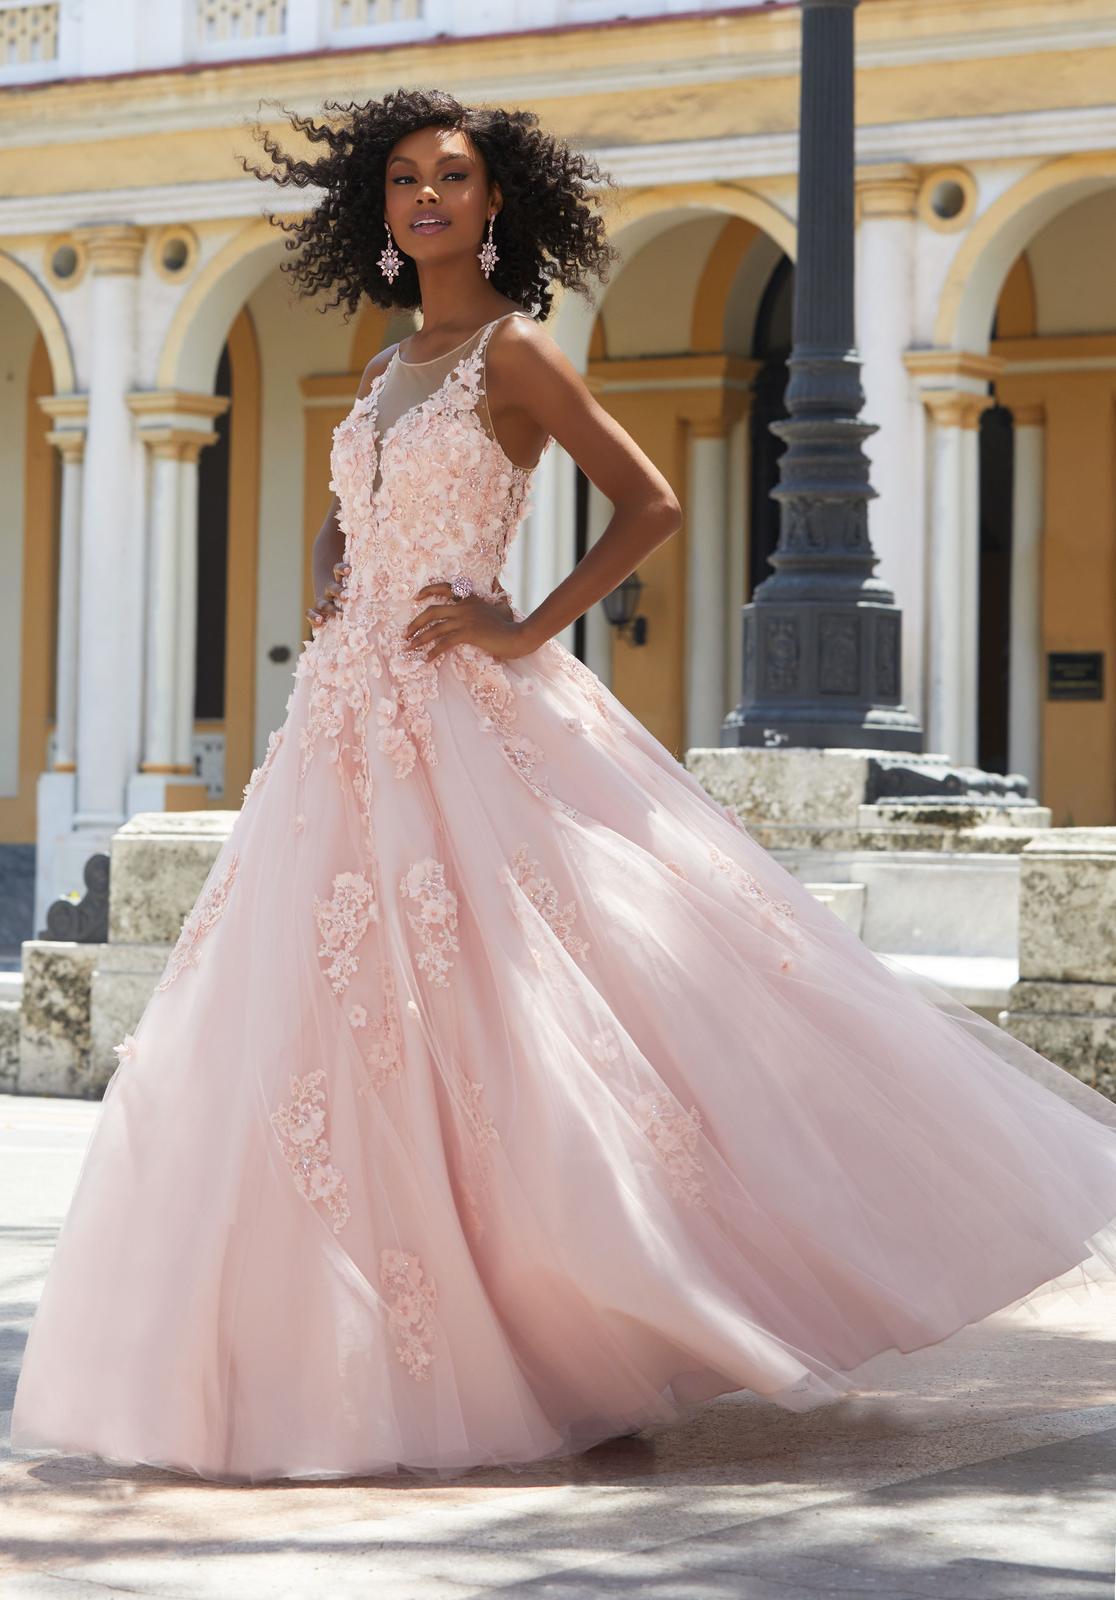 Spoločenské šaty 2018/2019 - Rosalinda